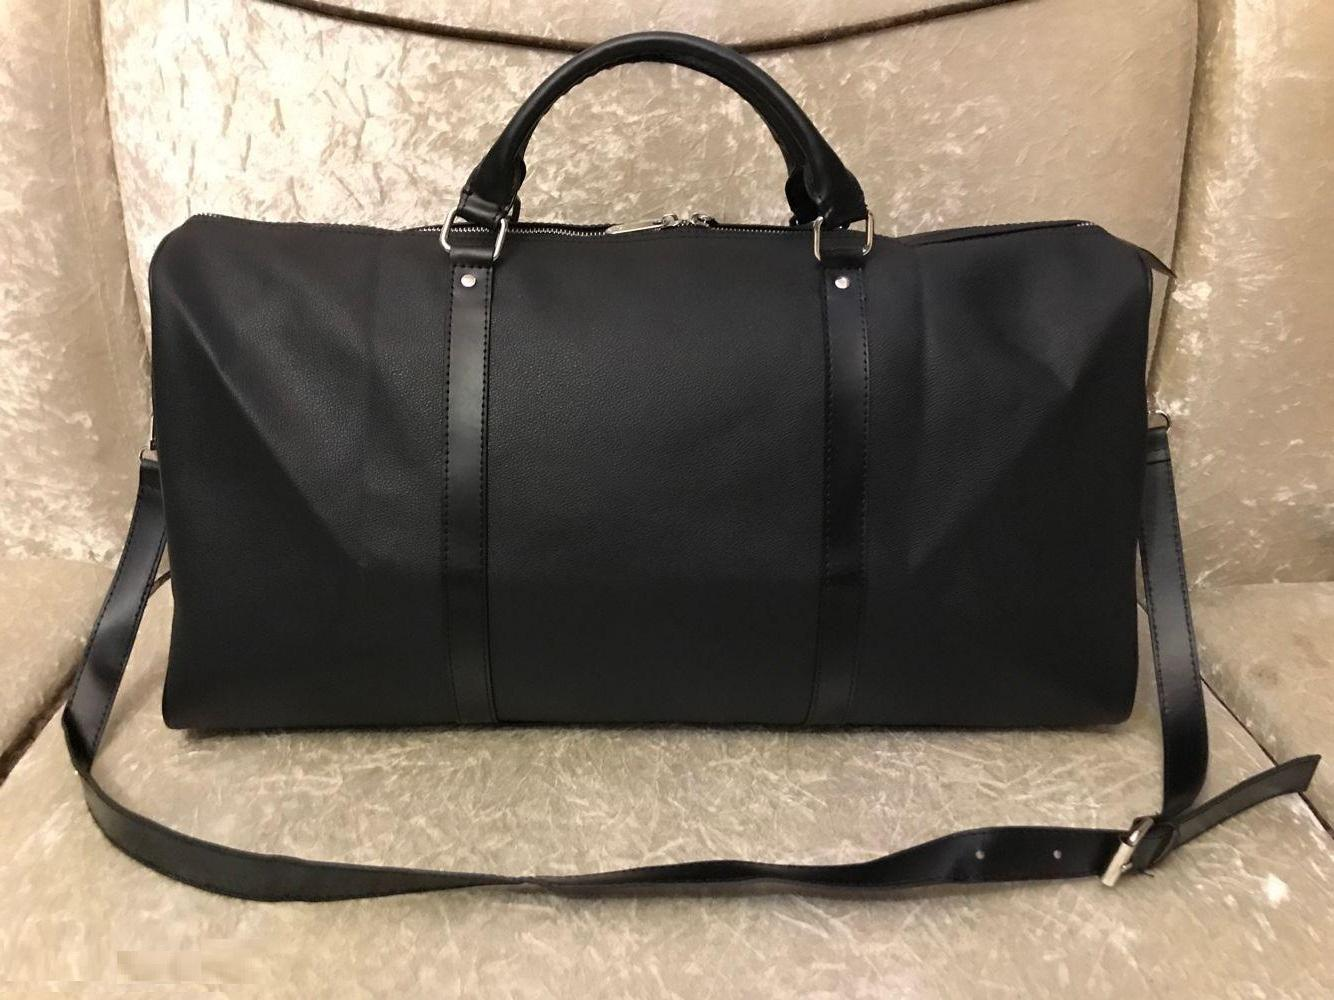 2021 Erkek Duffle Çanta Kadın Seyahat Bez Çantalar El Fermuar Bagajhepsini tutUP Erkekler PU Deri Bandouliere Çanta Büyük Çapraz Vücut Kılıfları 45 50 55 cm